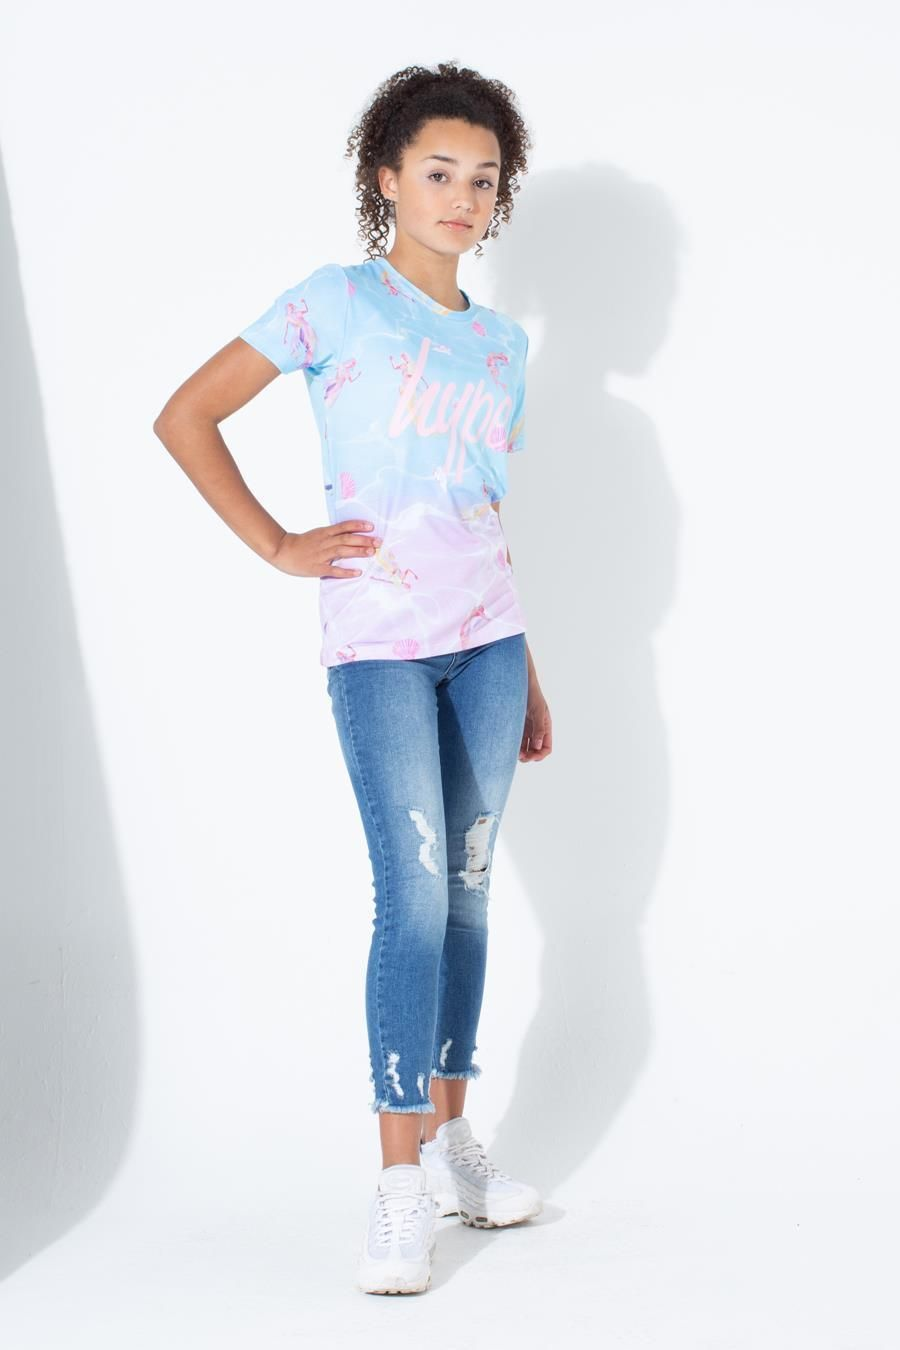 Hype Mermaid Shell Kids T-Shirt 13Y